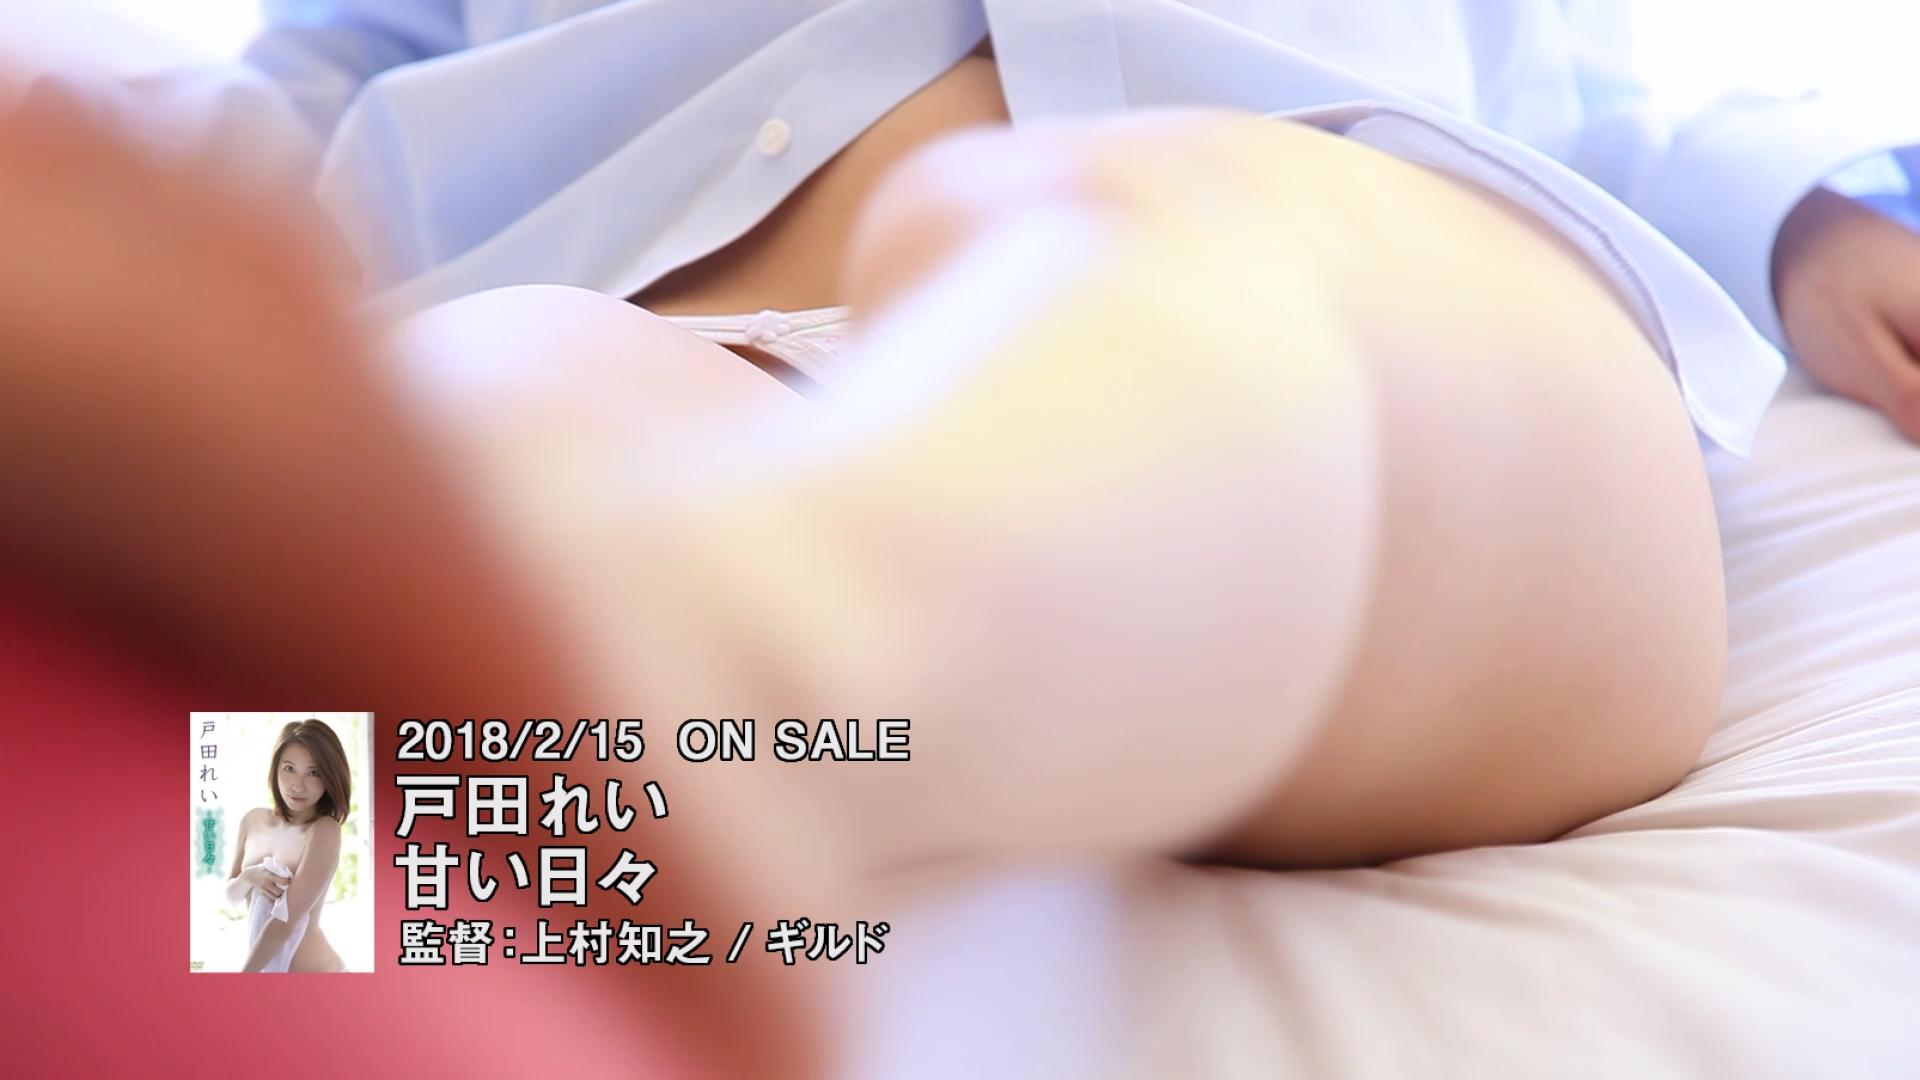 戸田れいのイメージDVDエロ画像050